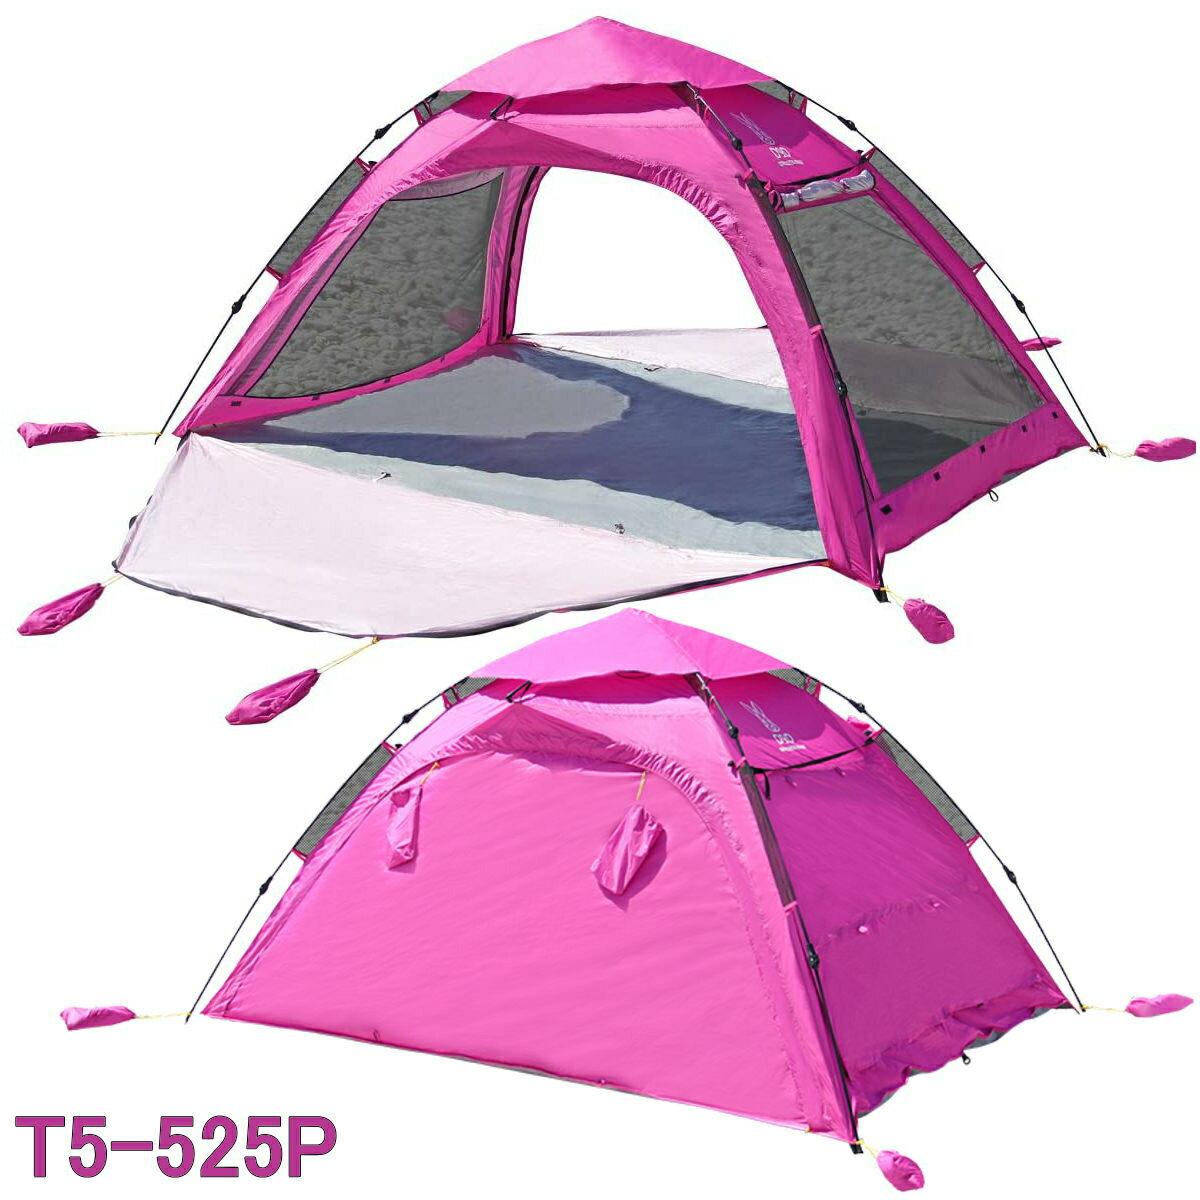 DOD ワイドビーチテント | 5人用 | T5-525 | 全2色 | フルクローズOK | 耐水圧1500mm